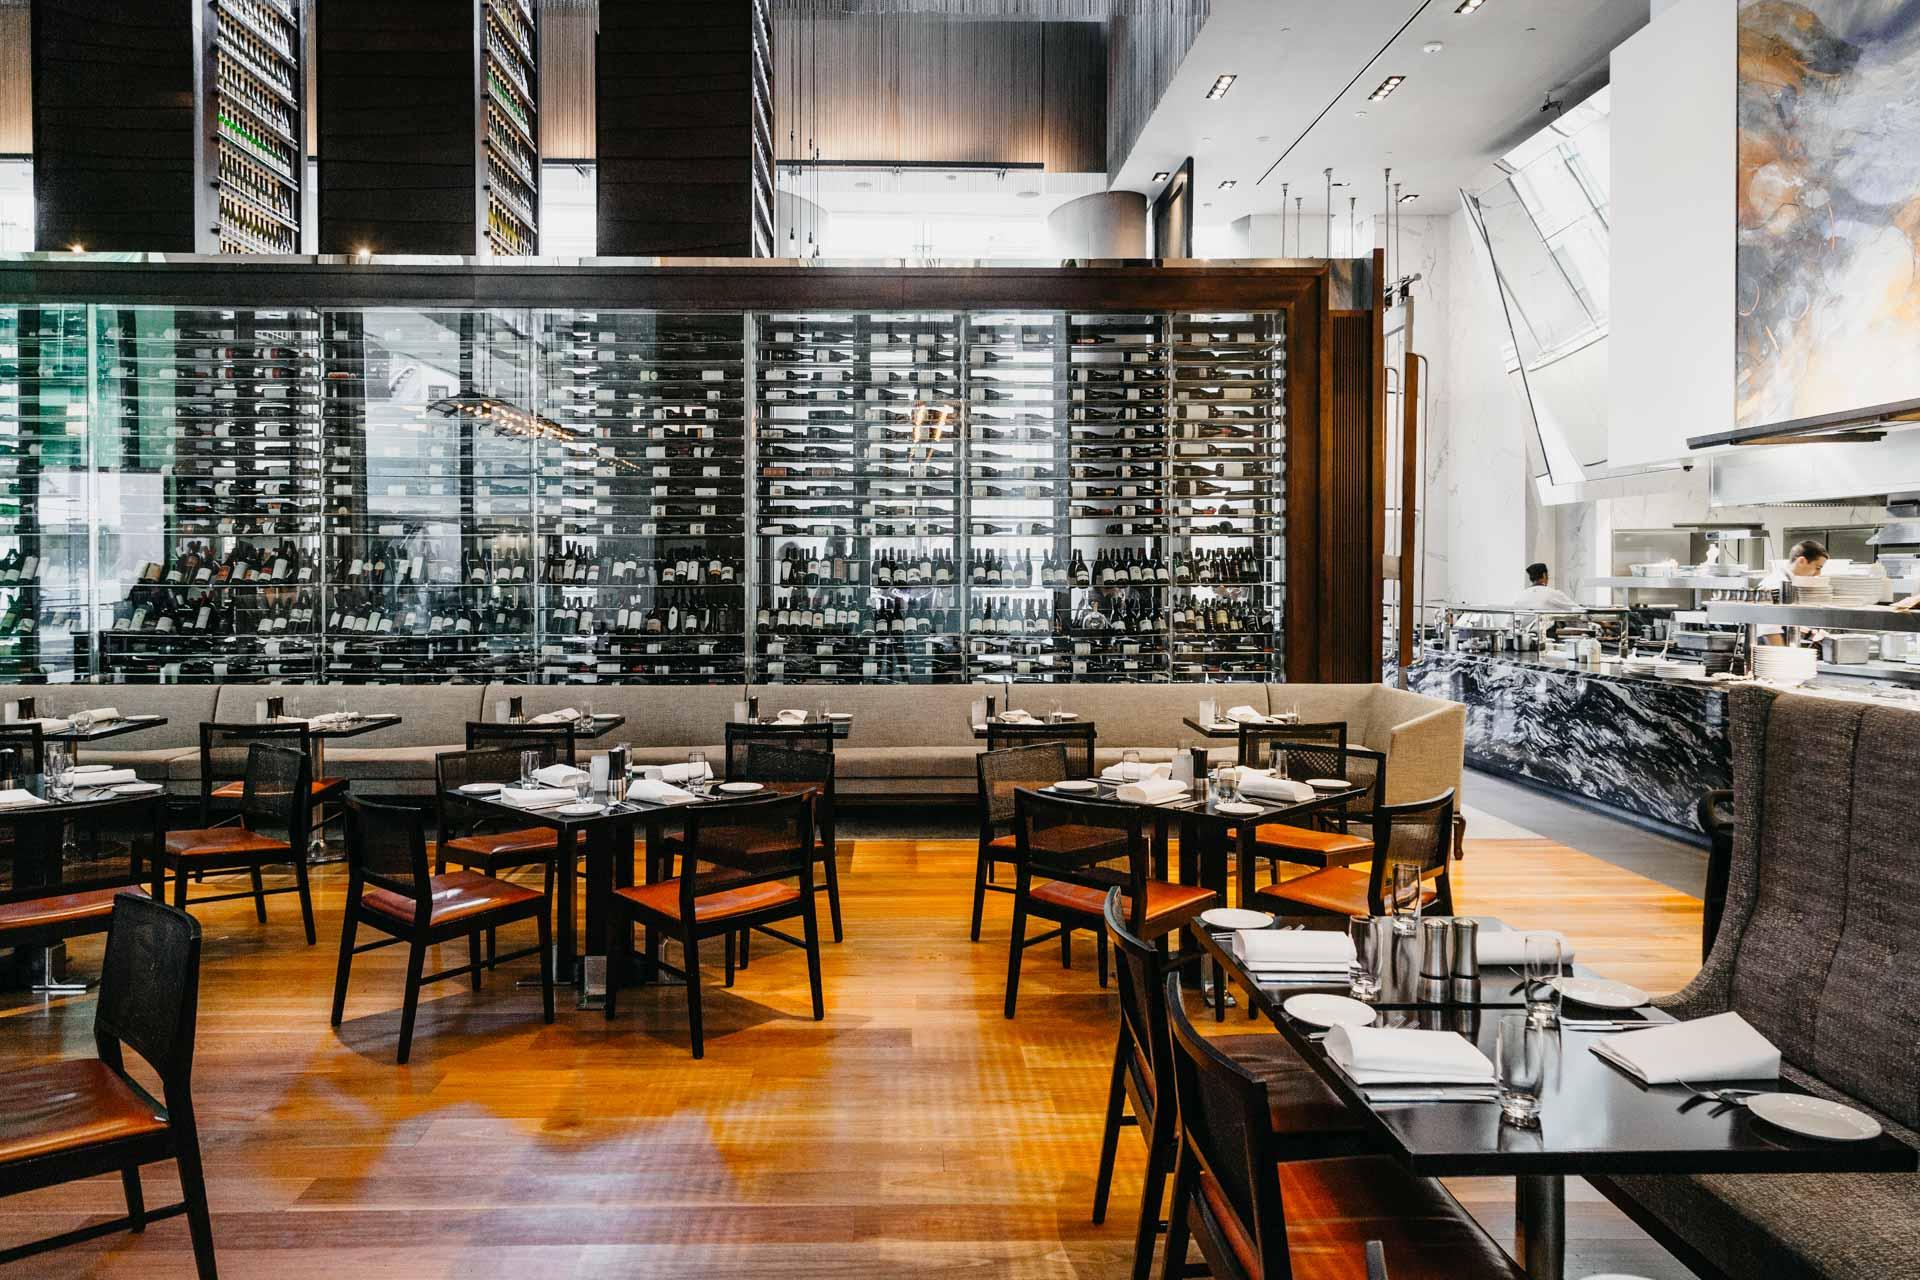 glass - restaurant interior - 2018 (lowres)-5.jpg